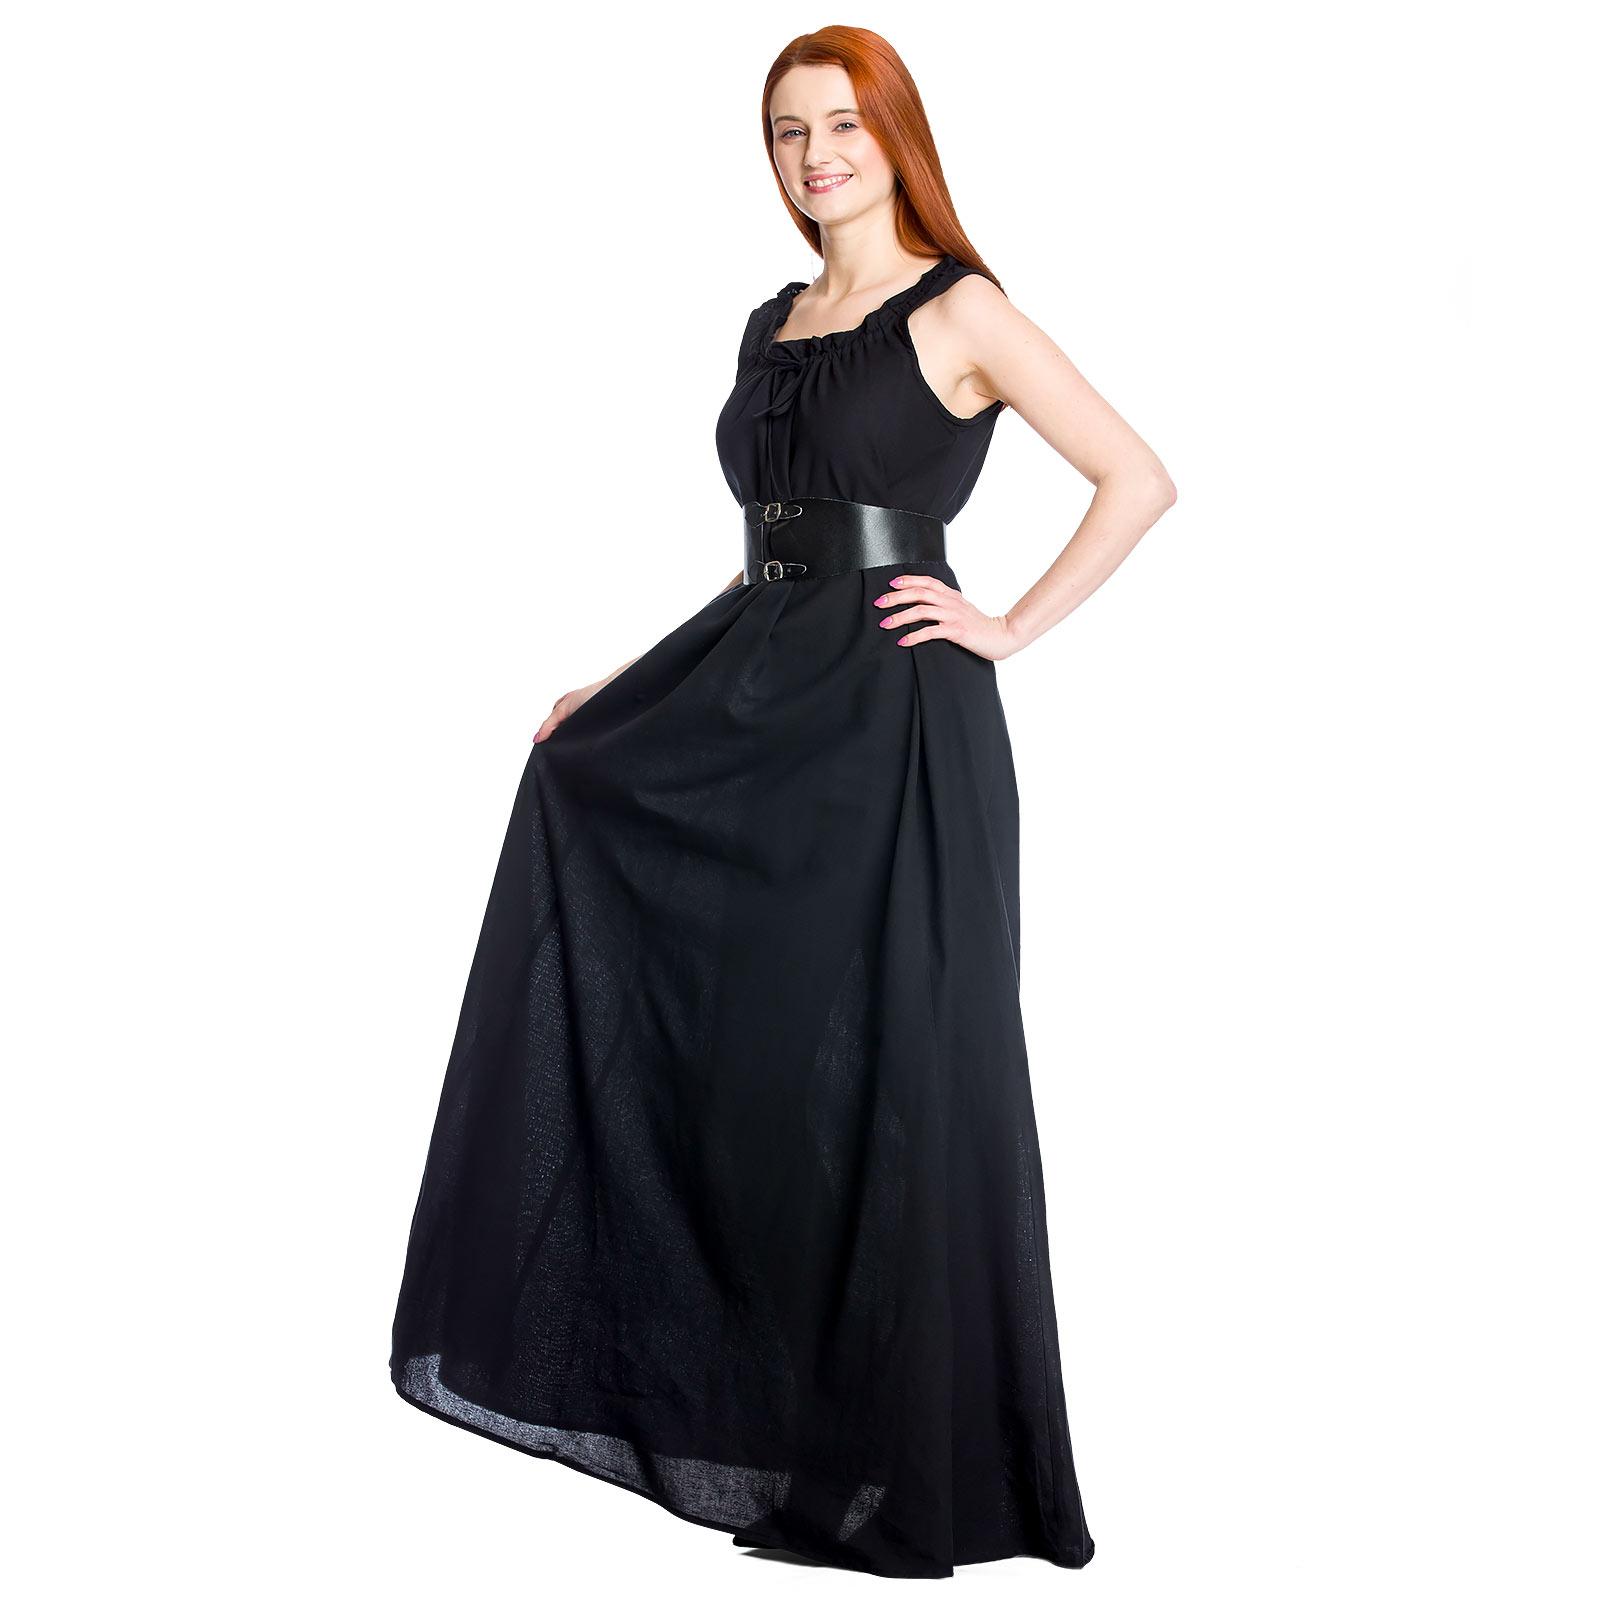 Mittelalter Überkleid Ella schwarz